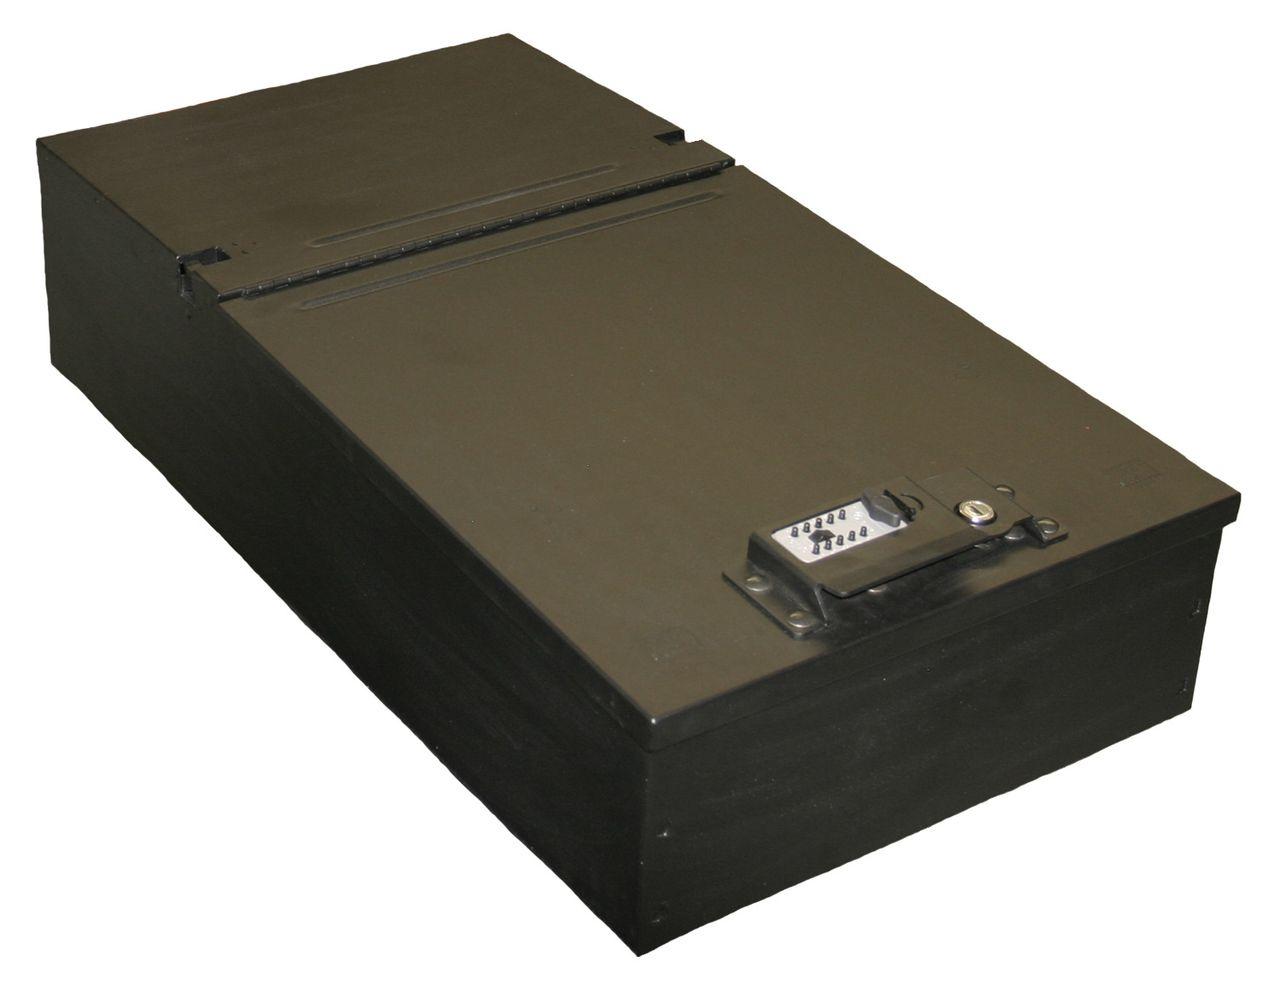 NOVISauto Kofferraum Sicherheitsbox Gewehrbox und Waffentresor Fahrzeuge verstärkter Deckel 253